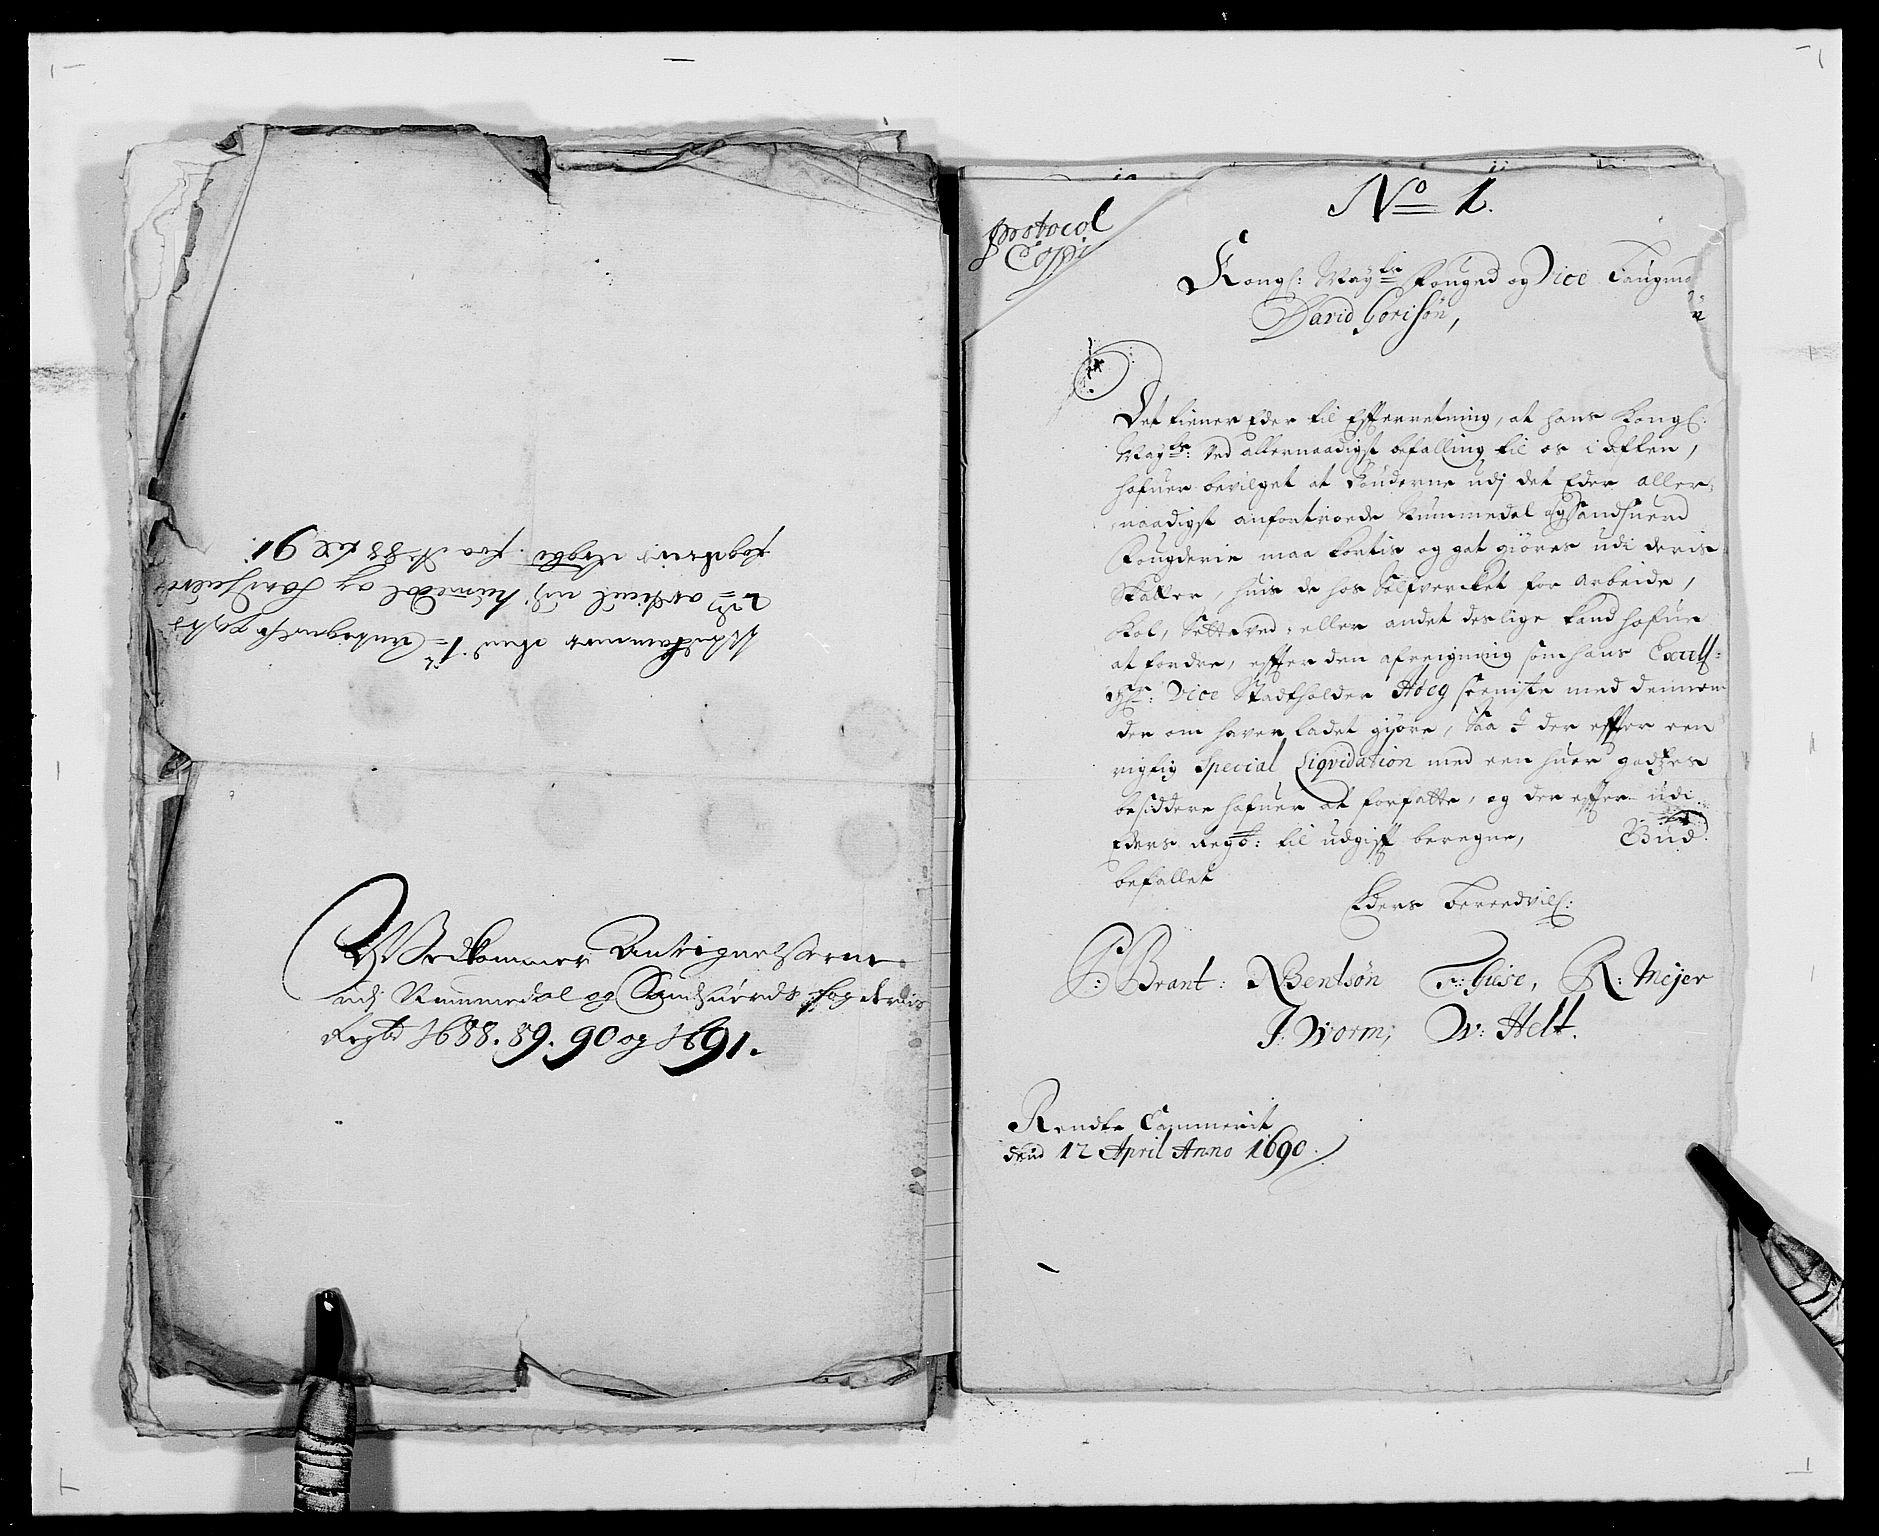 RA, Rentekammeret inntil 1814, Reviderte regnskaper, Fogderegnskap, R24/L1574: Fogderegnskap Numedal og Sandsvær, 1688-1691, s. 259